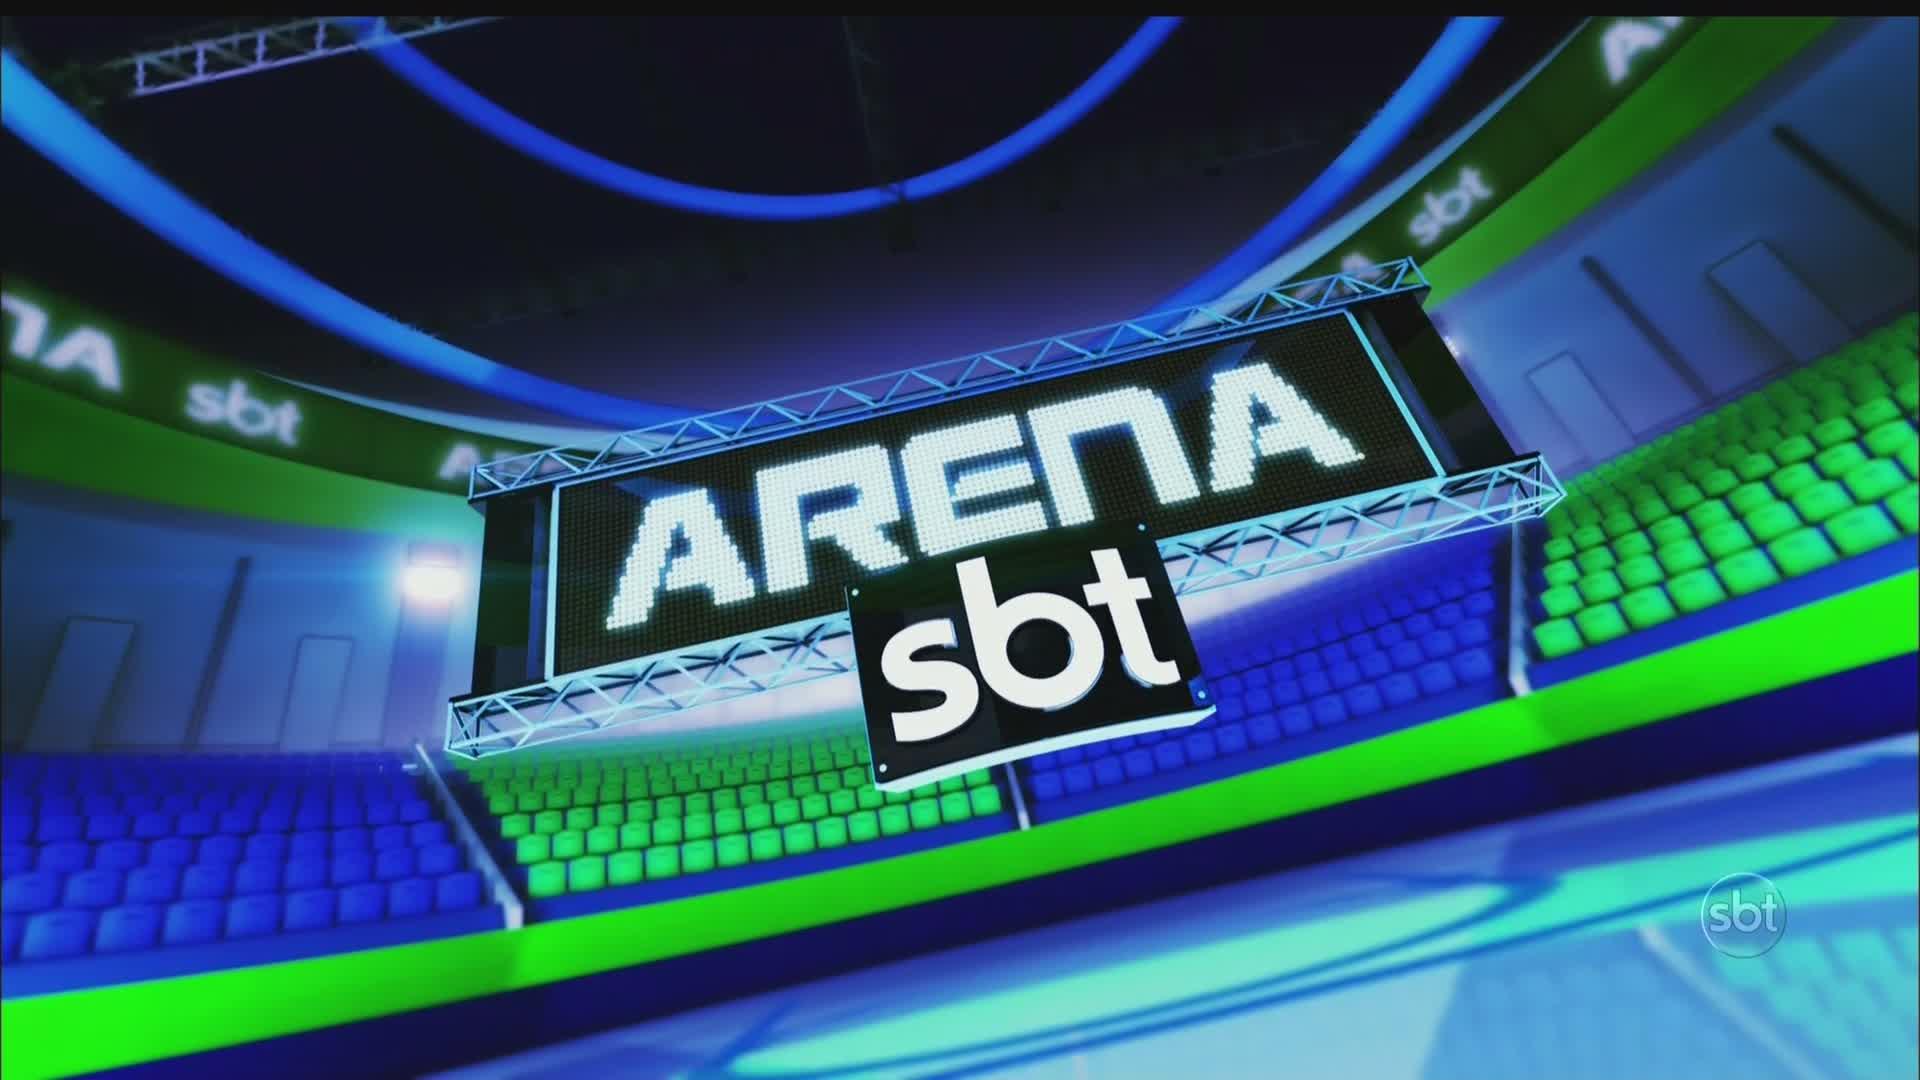 Arena SBT 1920x1080